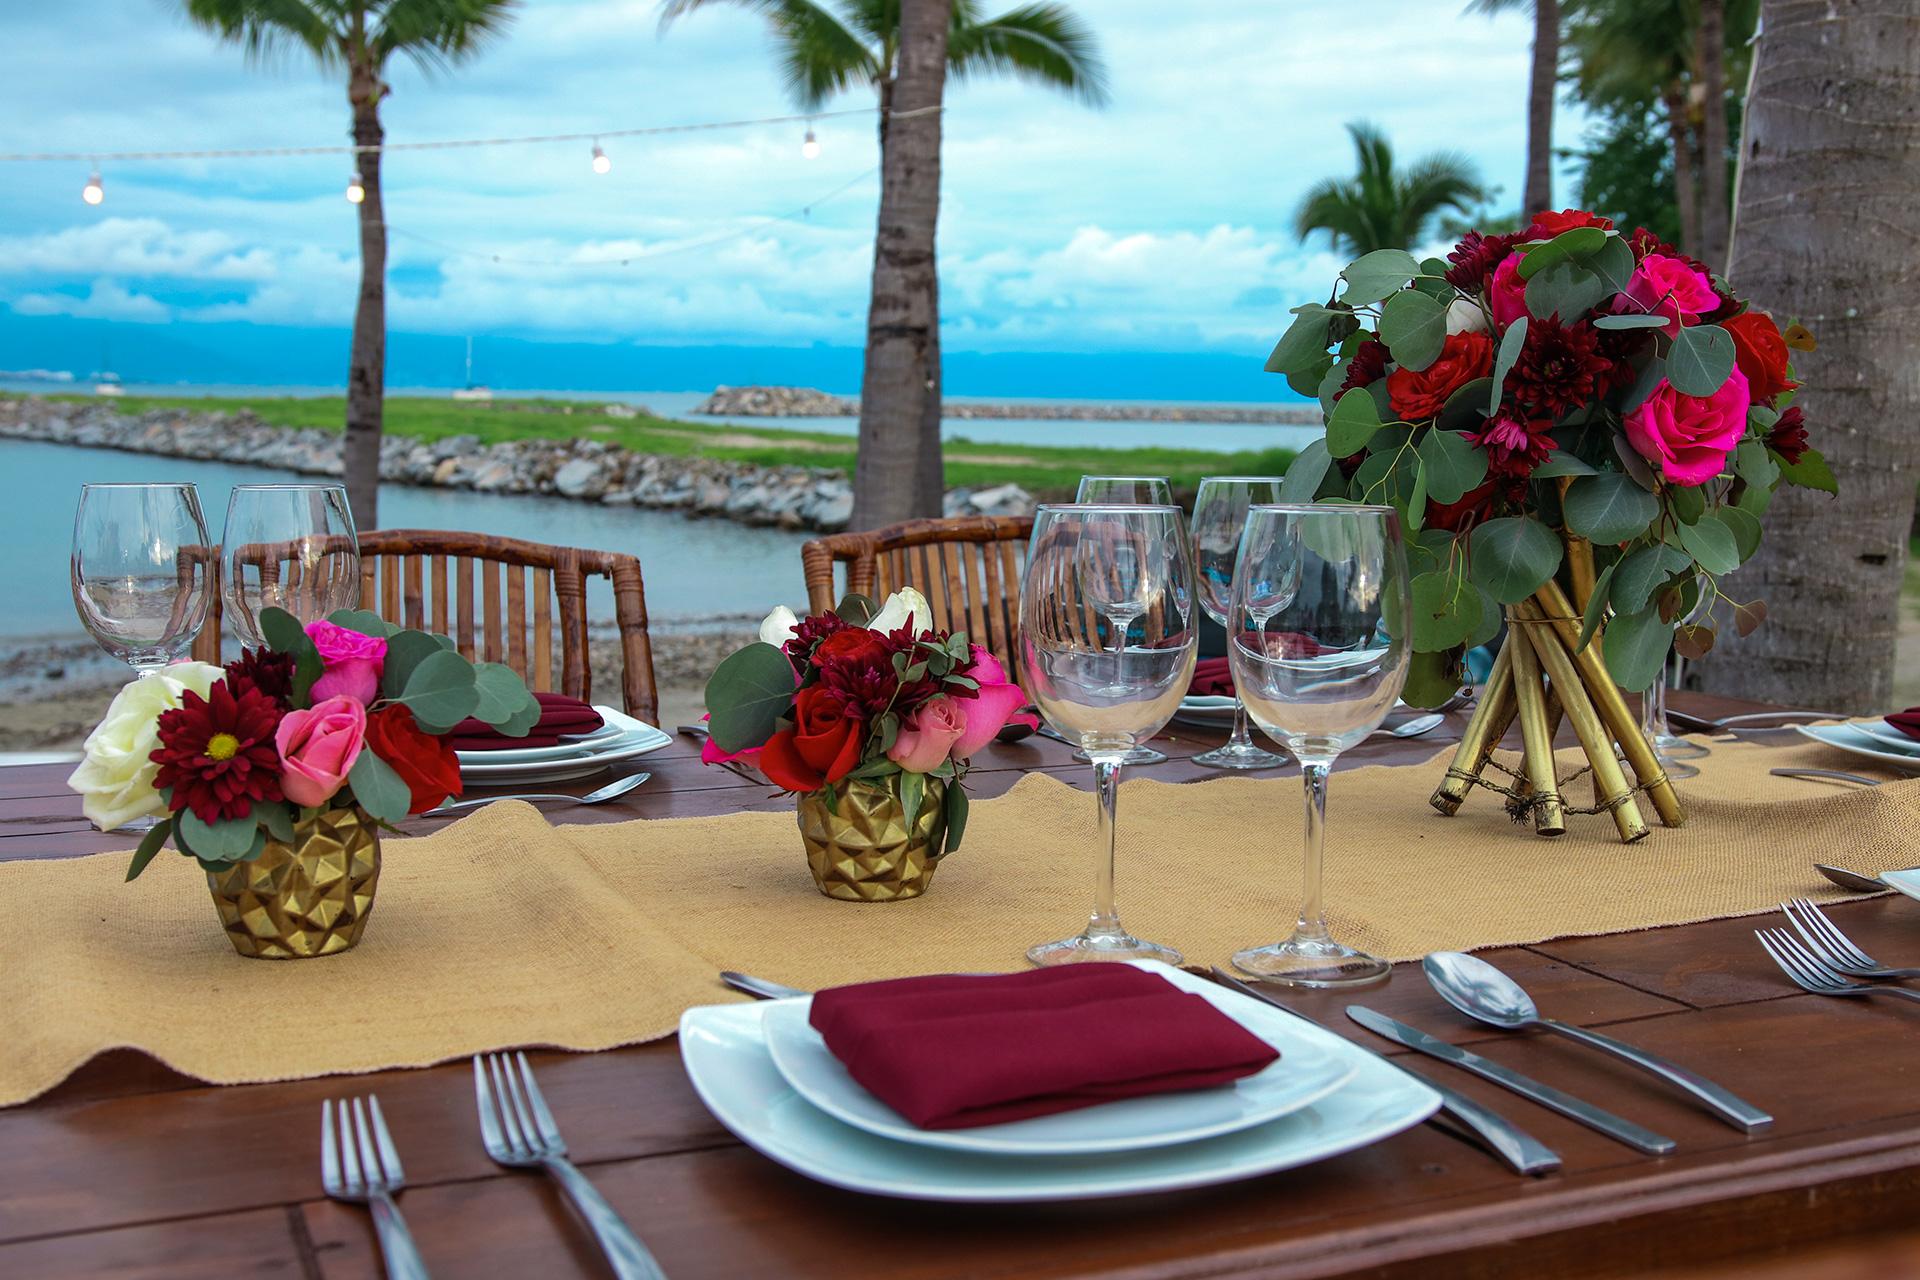 Decoraciones Bodas Playa Hotel Todo Incluido Riviera Nayarit Hote B Nayar